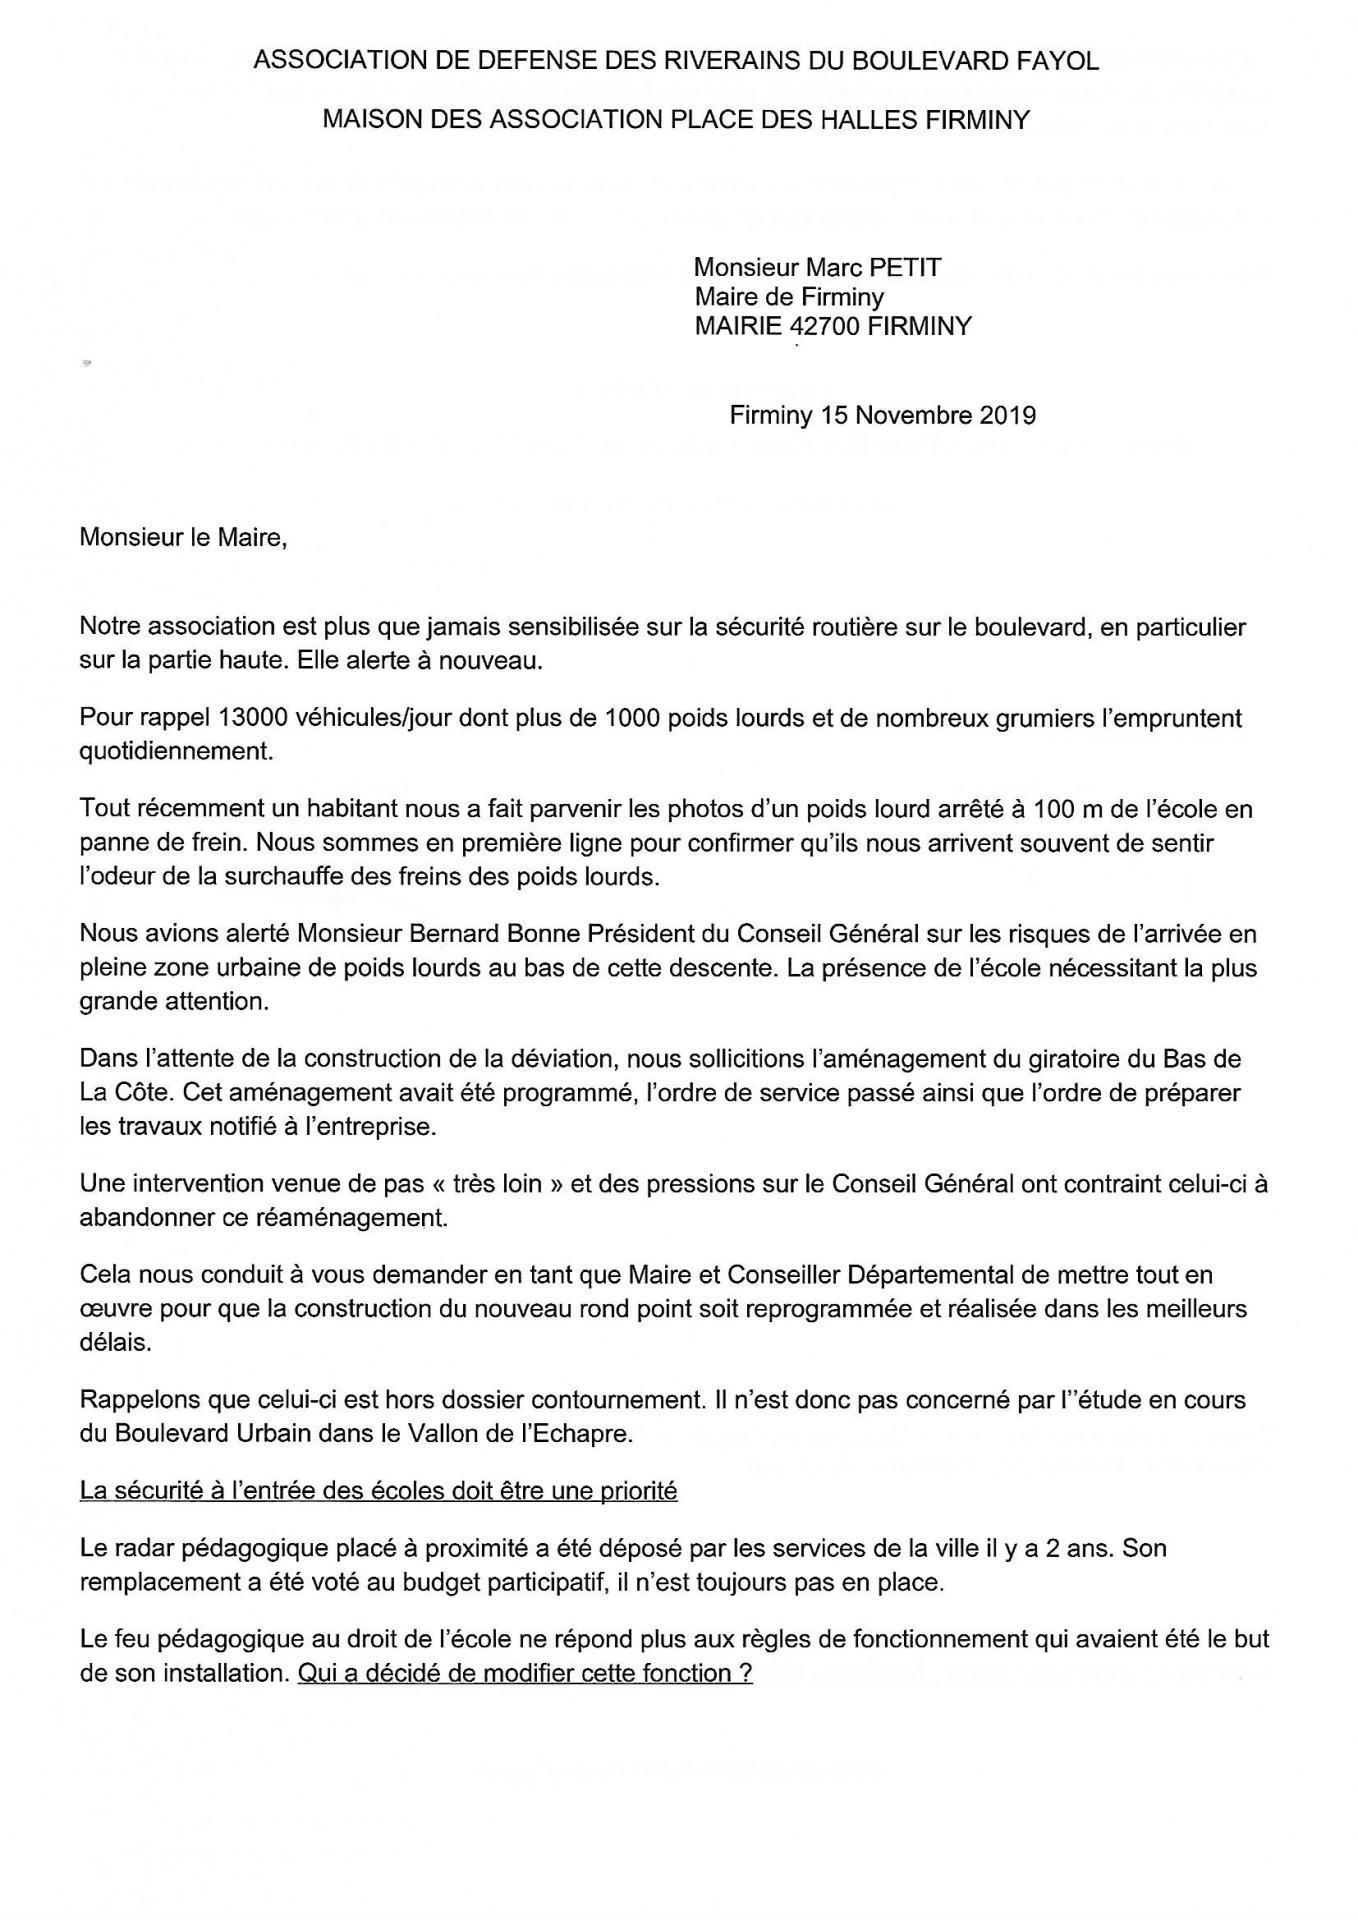 Lettre au maire de firminy p1